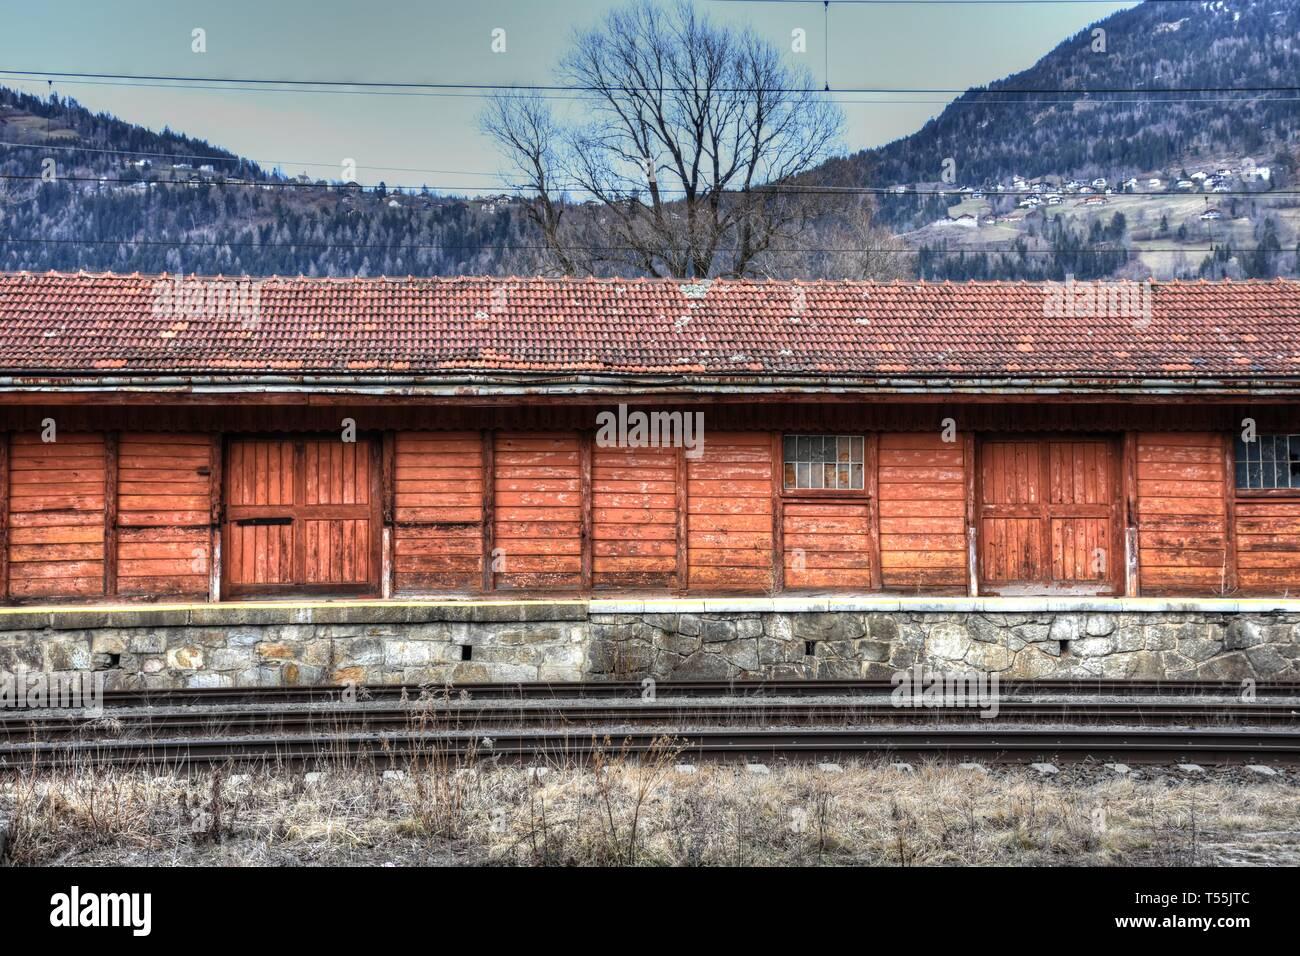 Tirol, Scheune, Schuppen, Lager, Halle, Tür, Tor, Bahnhof, Fenster, Dach, Schindeln, Dachschindeln, Baum, Winter, kahl, Damm, Bahndamm, Bahnhof, Holz, - Stock Image